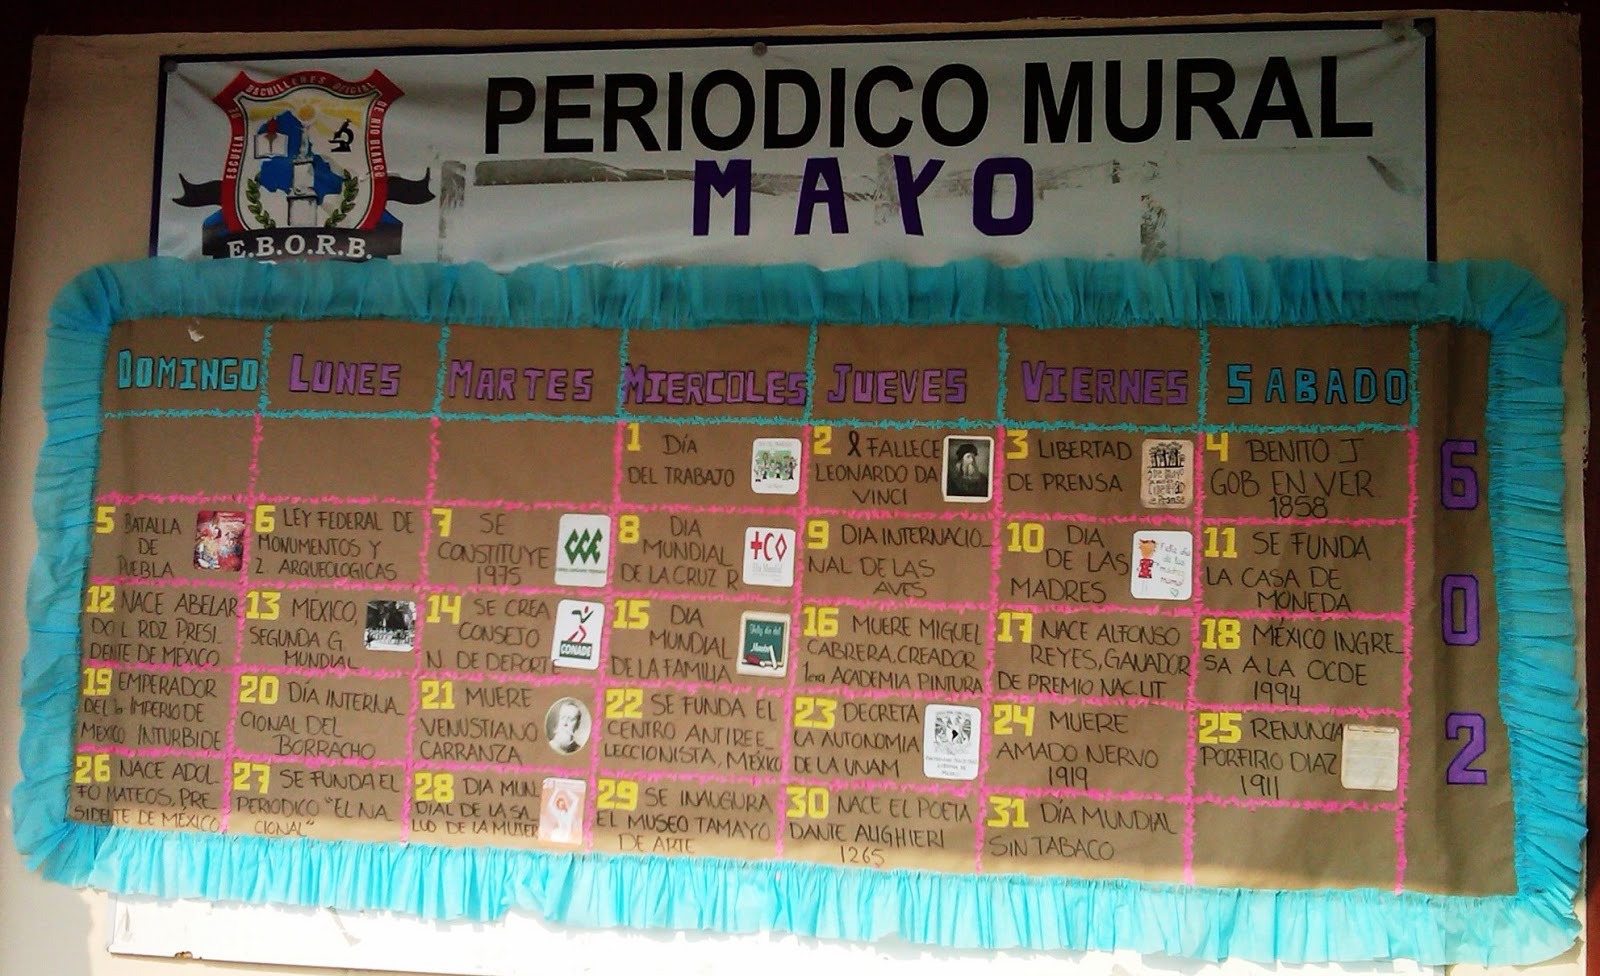 Peri dico mural mayo mes de las madres 23 imagenes for Componentes de un periodico mural